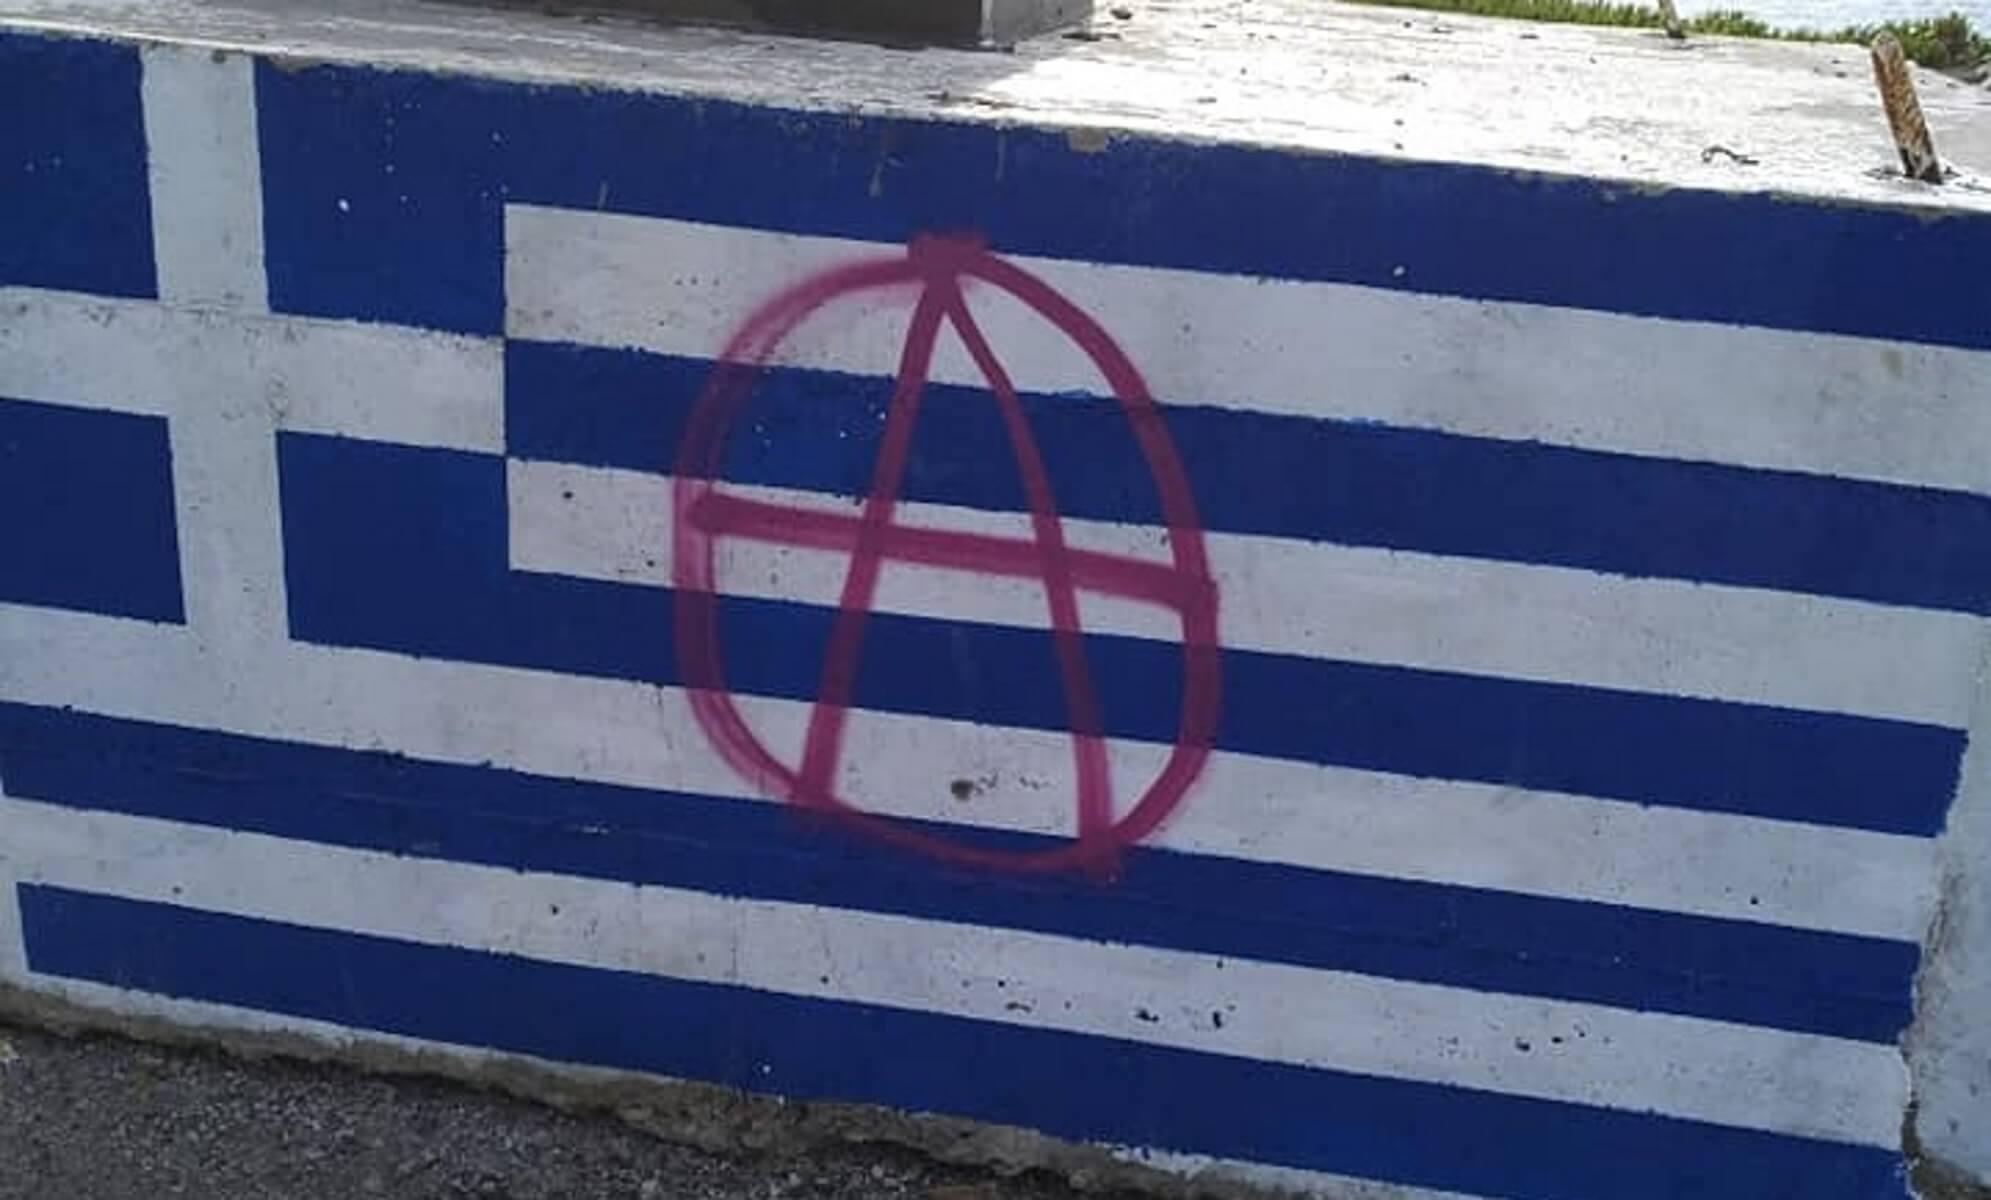 Λέσβος: Έβαψαν με σπρέι στην ελληνική σημαία το σύμβολο της αναρχίας!